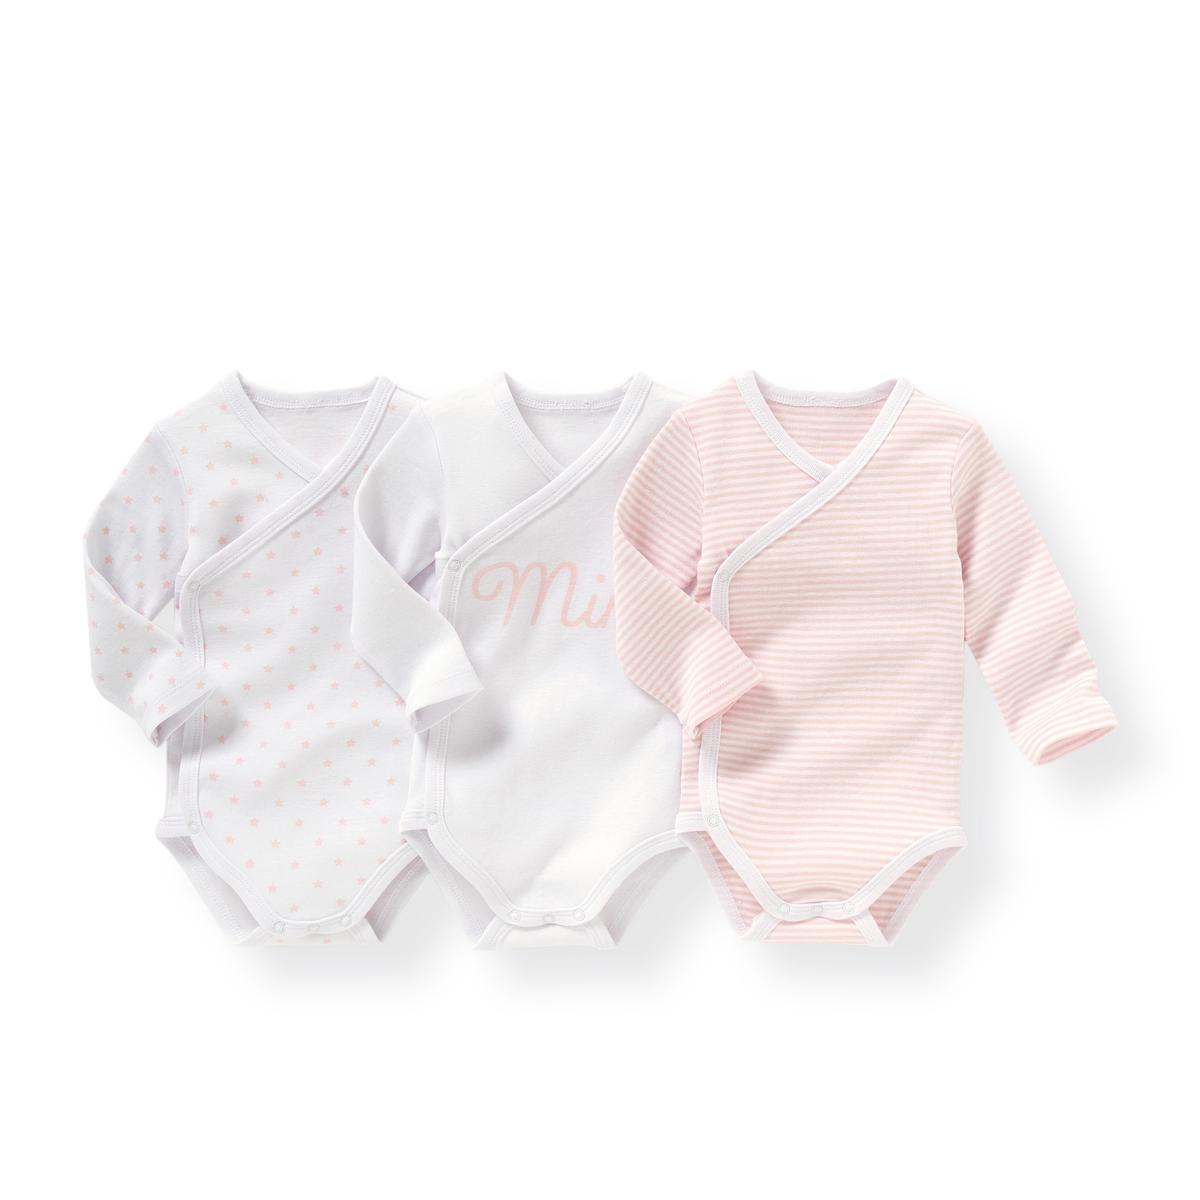 Комплект из хлопковых боди для малышейОписание:Детали  •  Рисунок-принт  •  Для новорожденных •  Длинные рукава •  ХлопокСостав и уход  •  100% хлопок •  Температура стирки 40° •  Сухая чистка и отбеливание запрещены   •  Машинная сушка на деликатном режиме •  Низкая температура глажки<br><br>Цвет: Белый + розовая полоска + рисунок<br>Размер: 0 мес. - 50 см.3 года - 94 см.2 года - 86 см.3 мес. - 60 см.1 мес. - 54 см